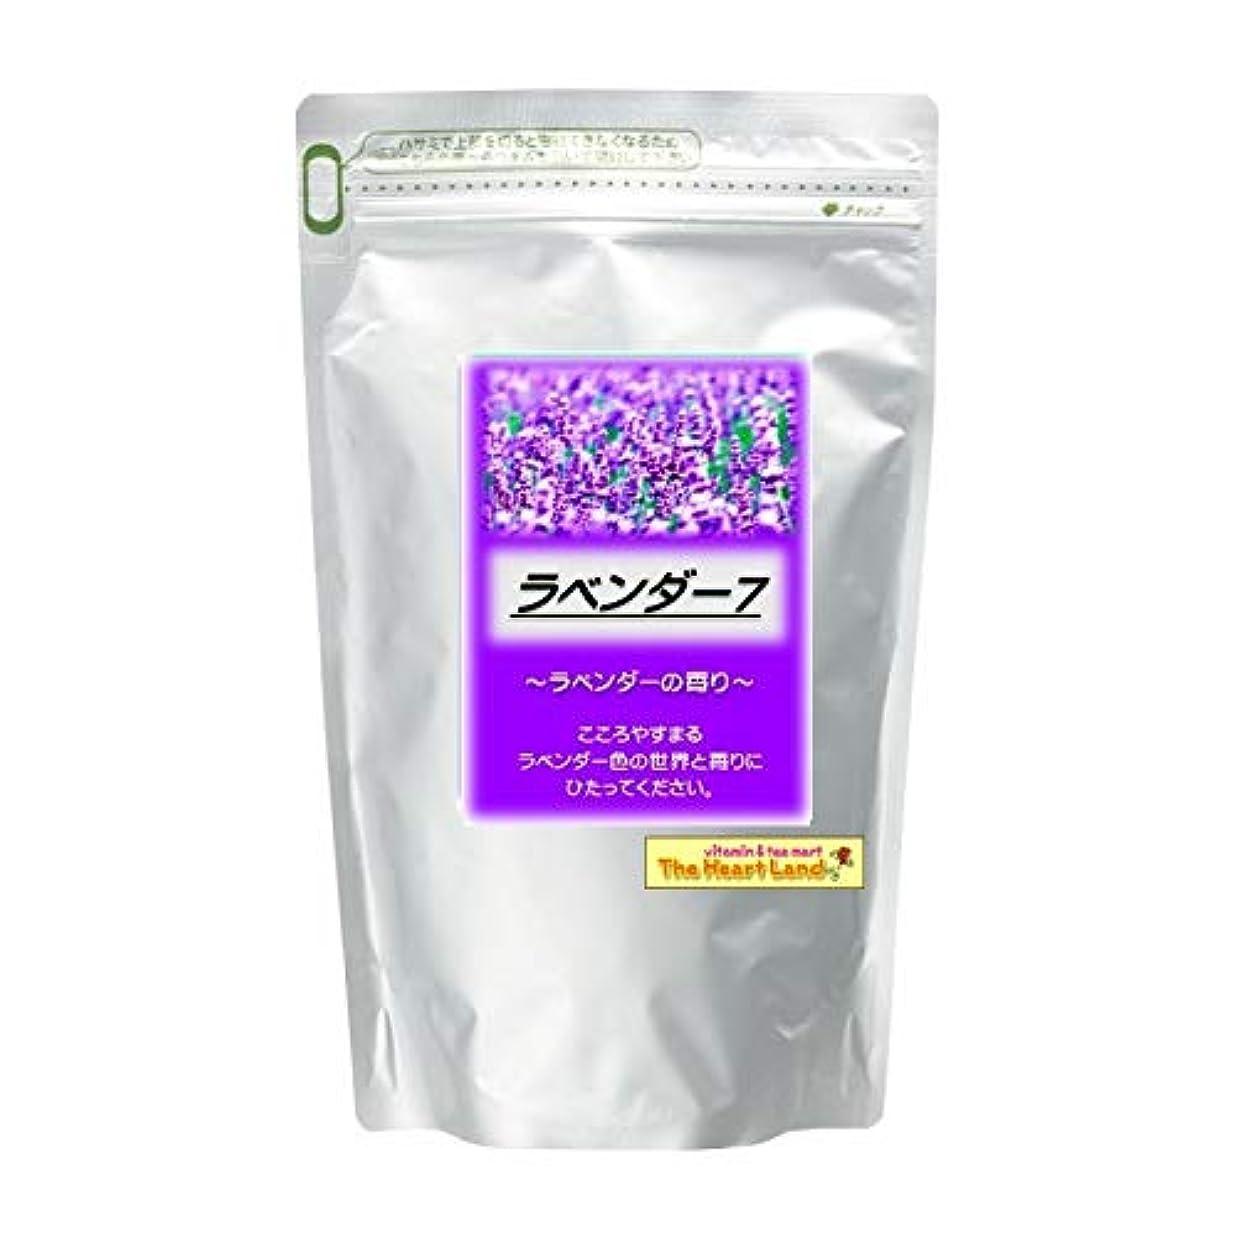 散文アコード難破船アサヒ入浴剤 浴用入浴化粧品 ラベンダー7 300g